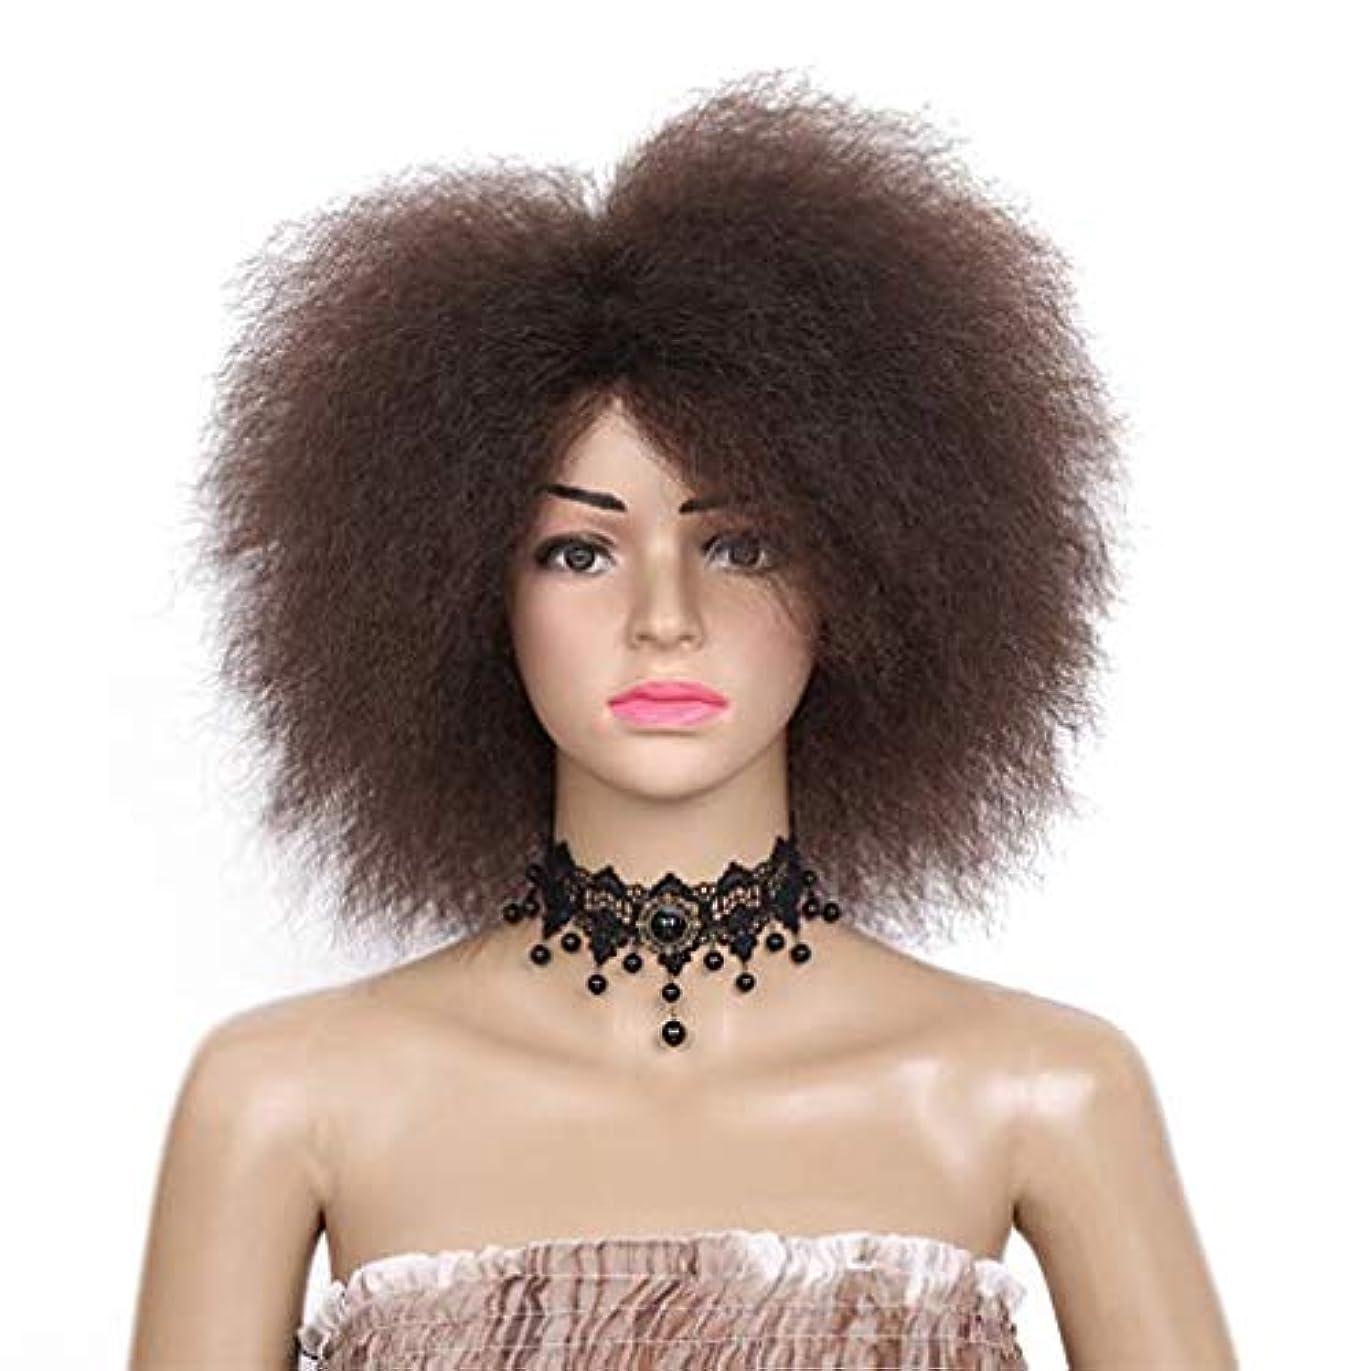 木曜日政治家スタックウィッグの女性の短い髪のふわふわの縮緬合成ハロウィーンロールプレイングパーティdayliy中型かつらを使用して